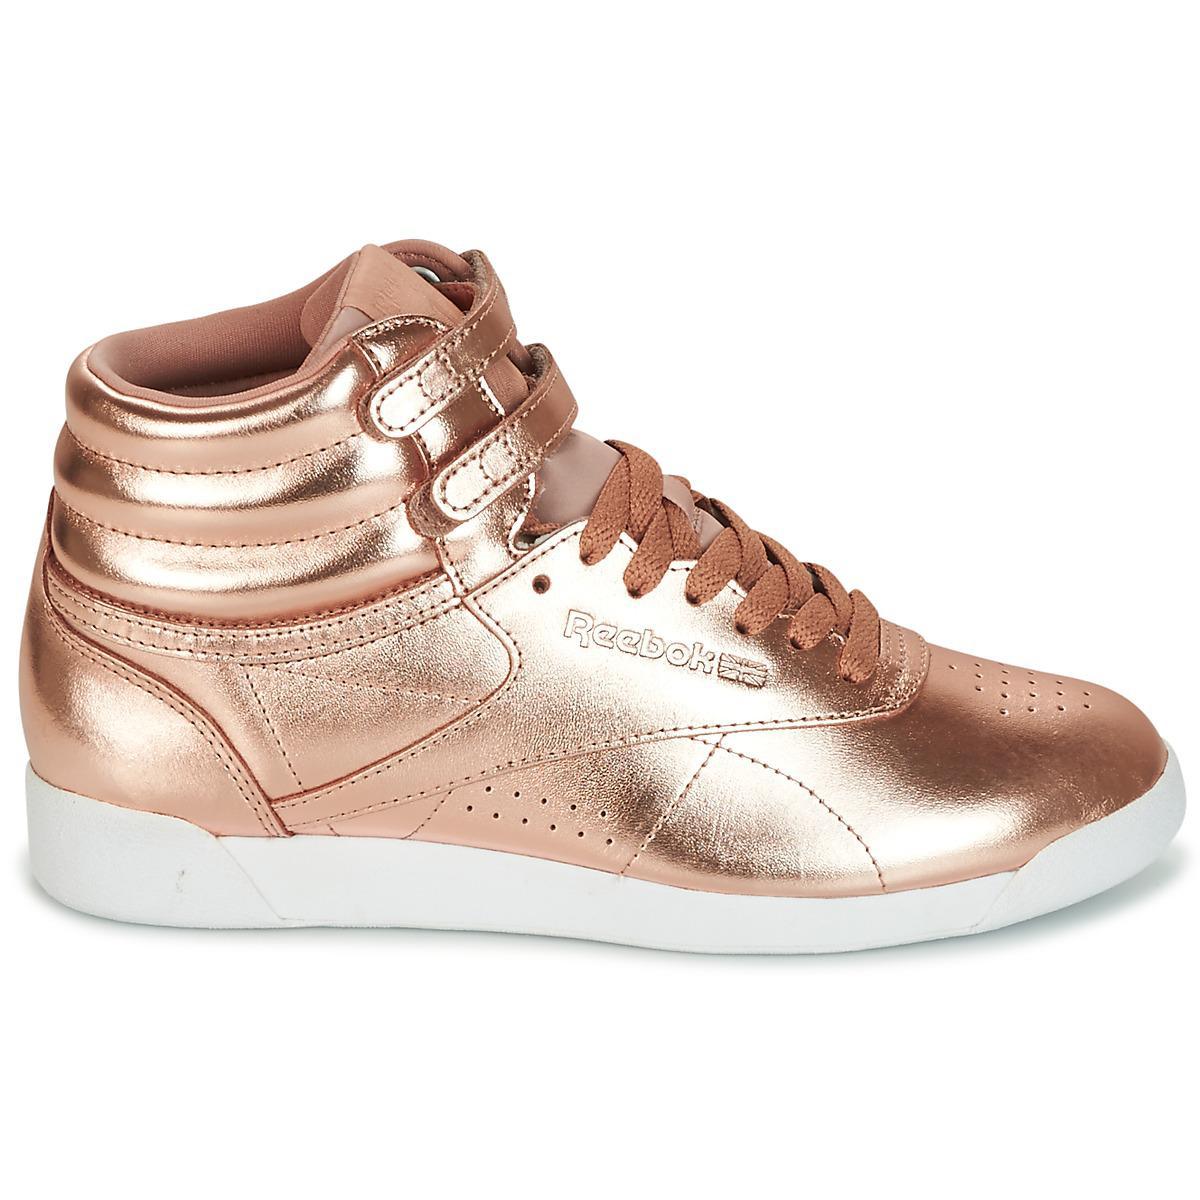 Reebok - F s Hi Metallic Women s Shoes (high-top Trainers) In. View  fullscreen 6c43a2453